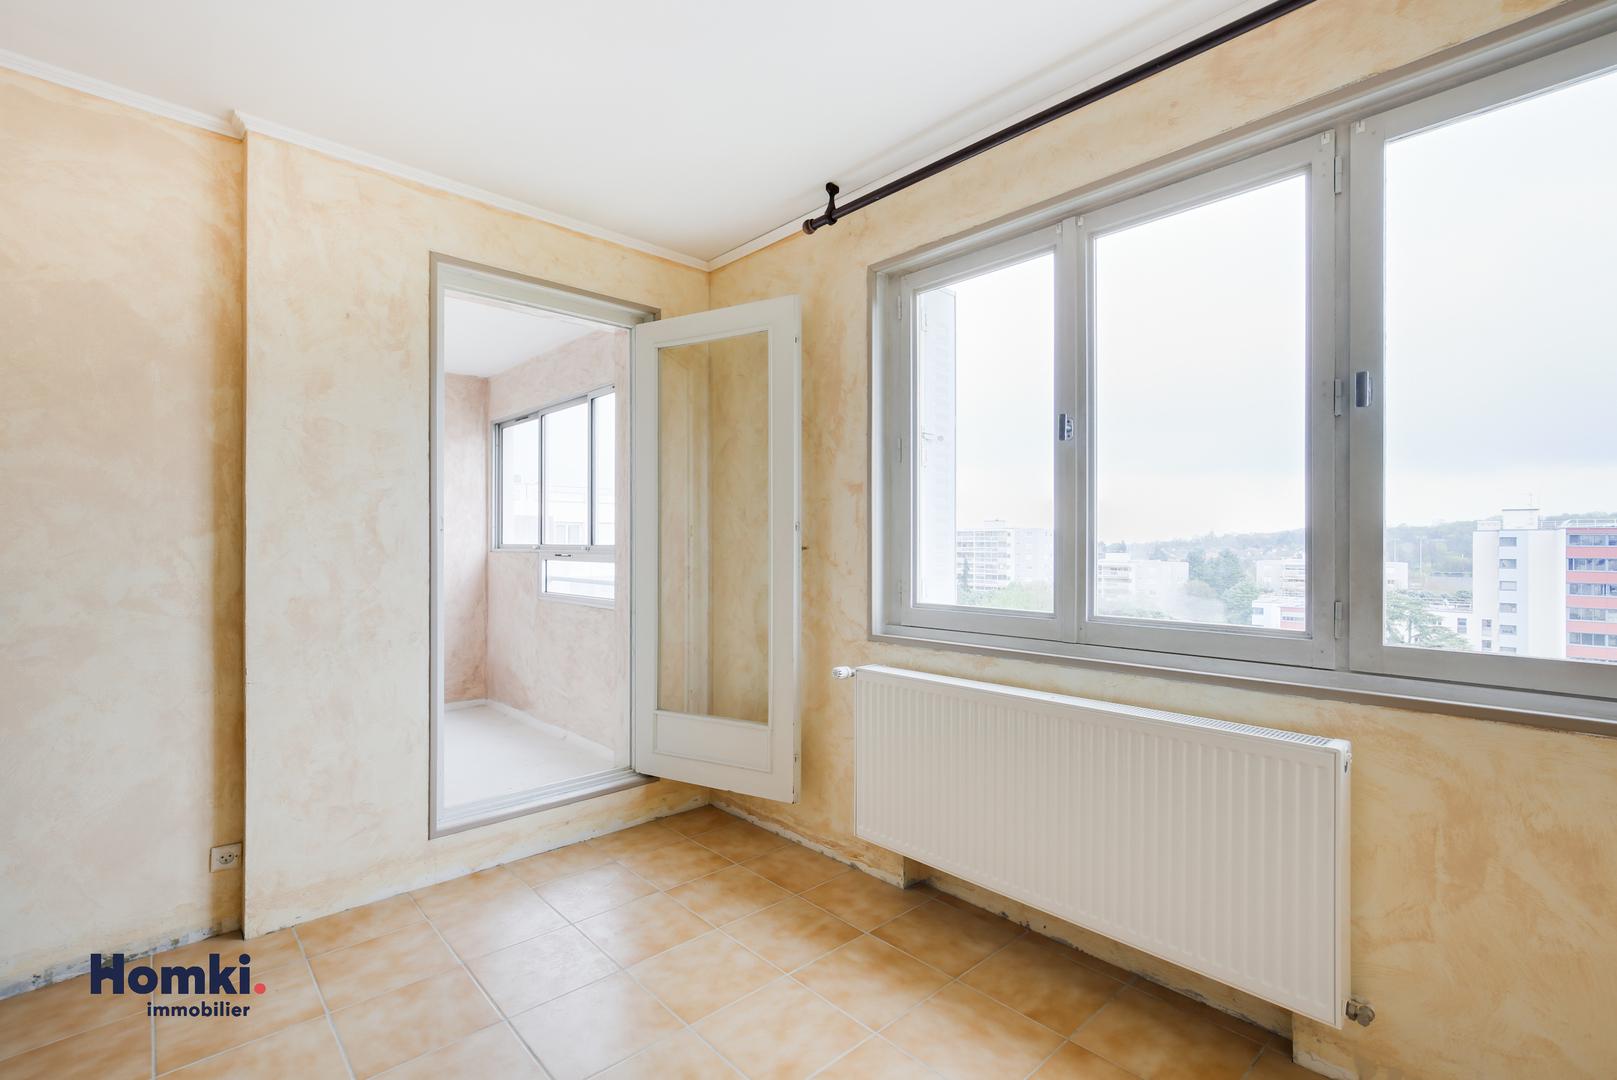 Vente appartement 75m² T4 69800_ 6